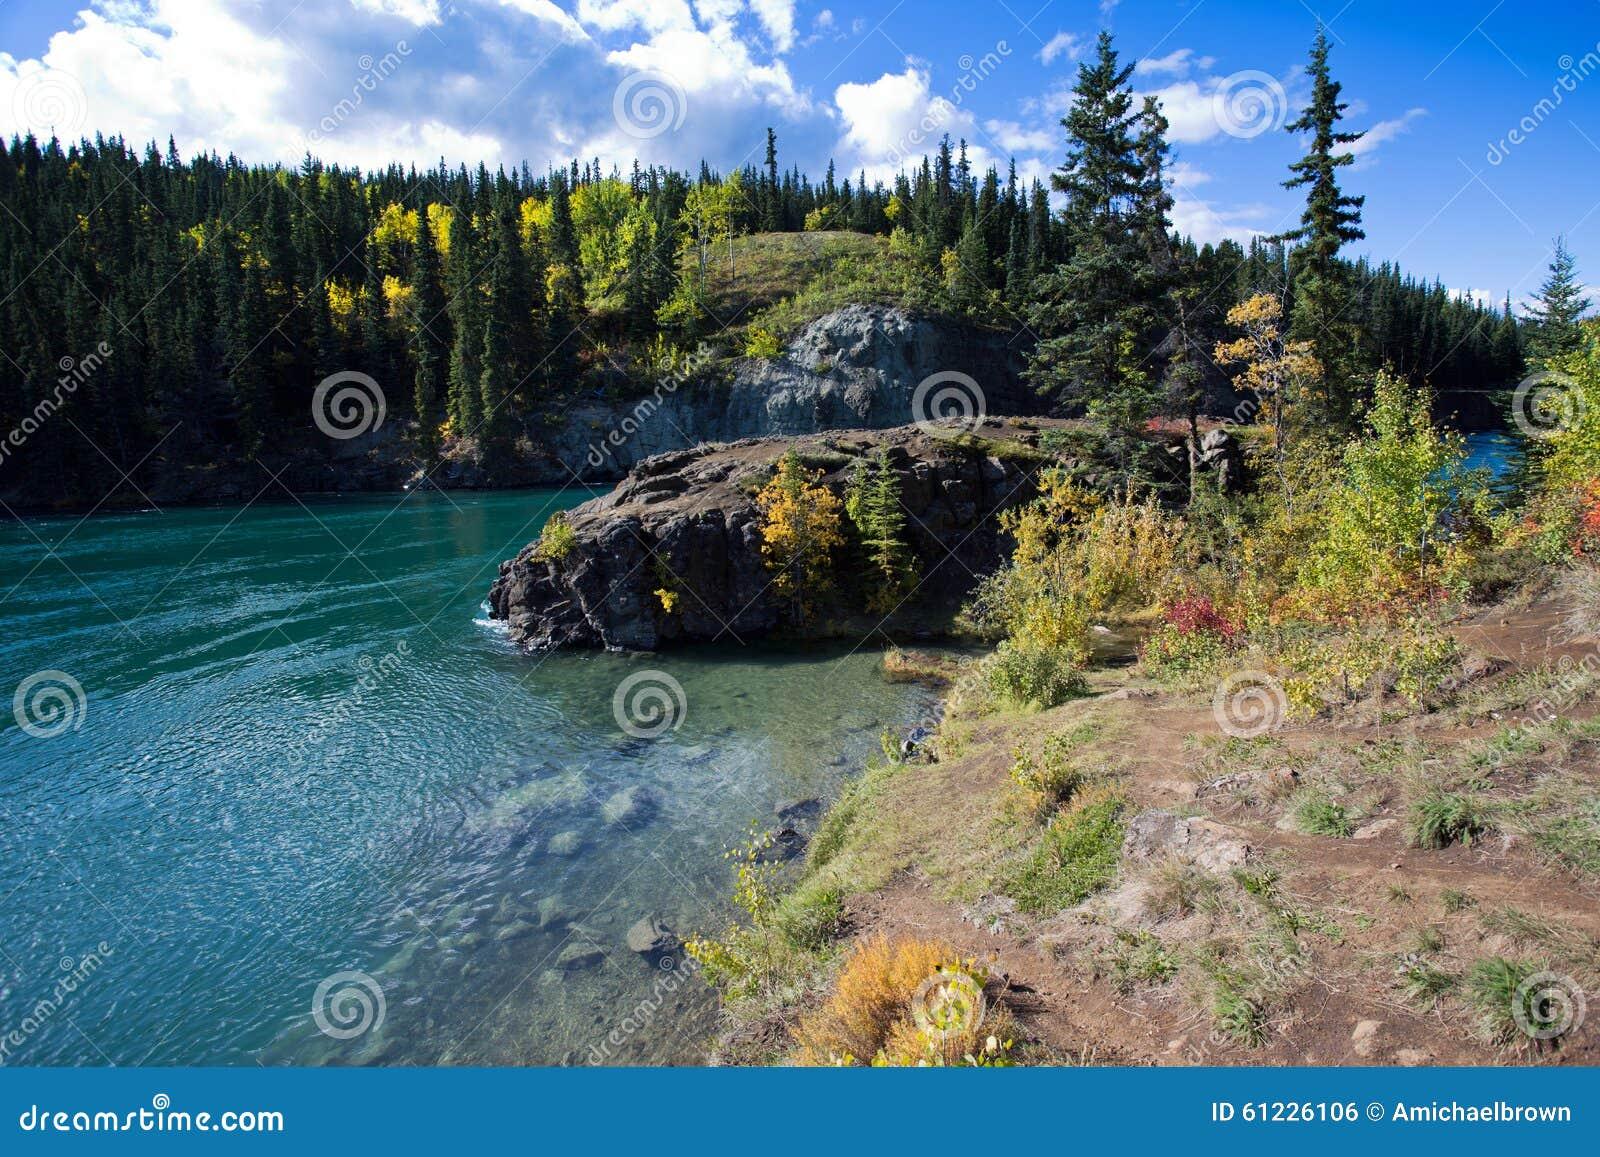 Miles Canyon, Yukon River, Whitehorse, Yukon Territories, Canada